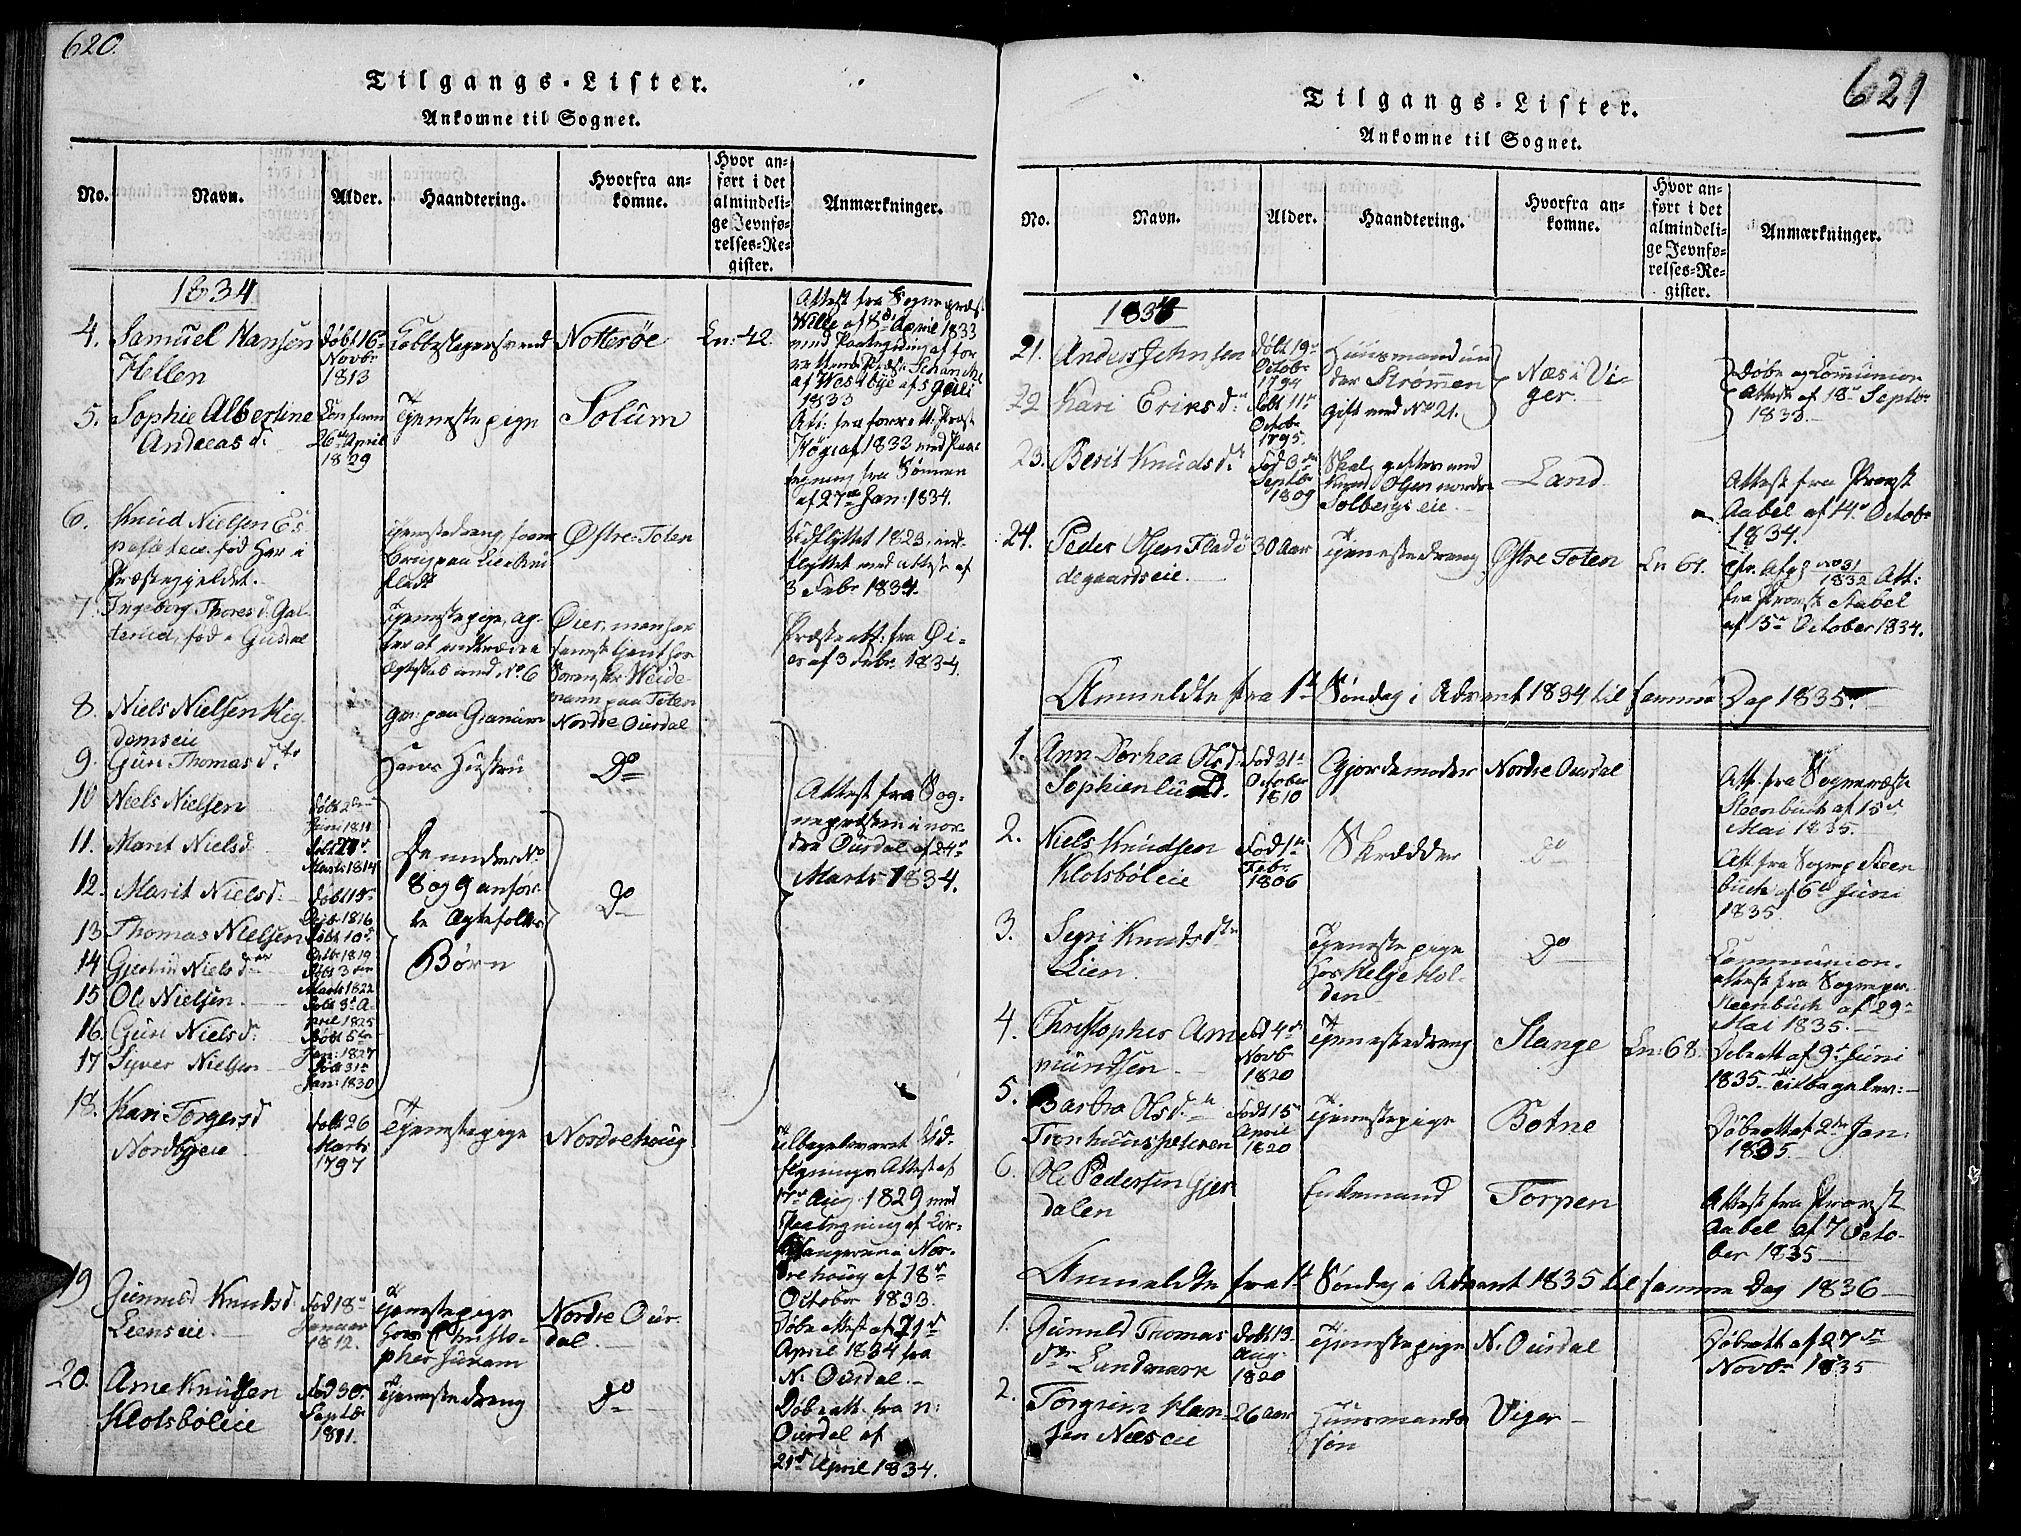 SAH, Sør-Aurdal prestekontor, Klokkerbok nr. 2, 1826-1840, s. 620-621